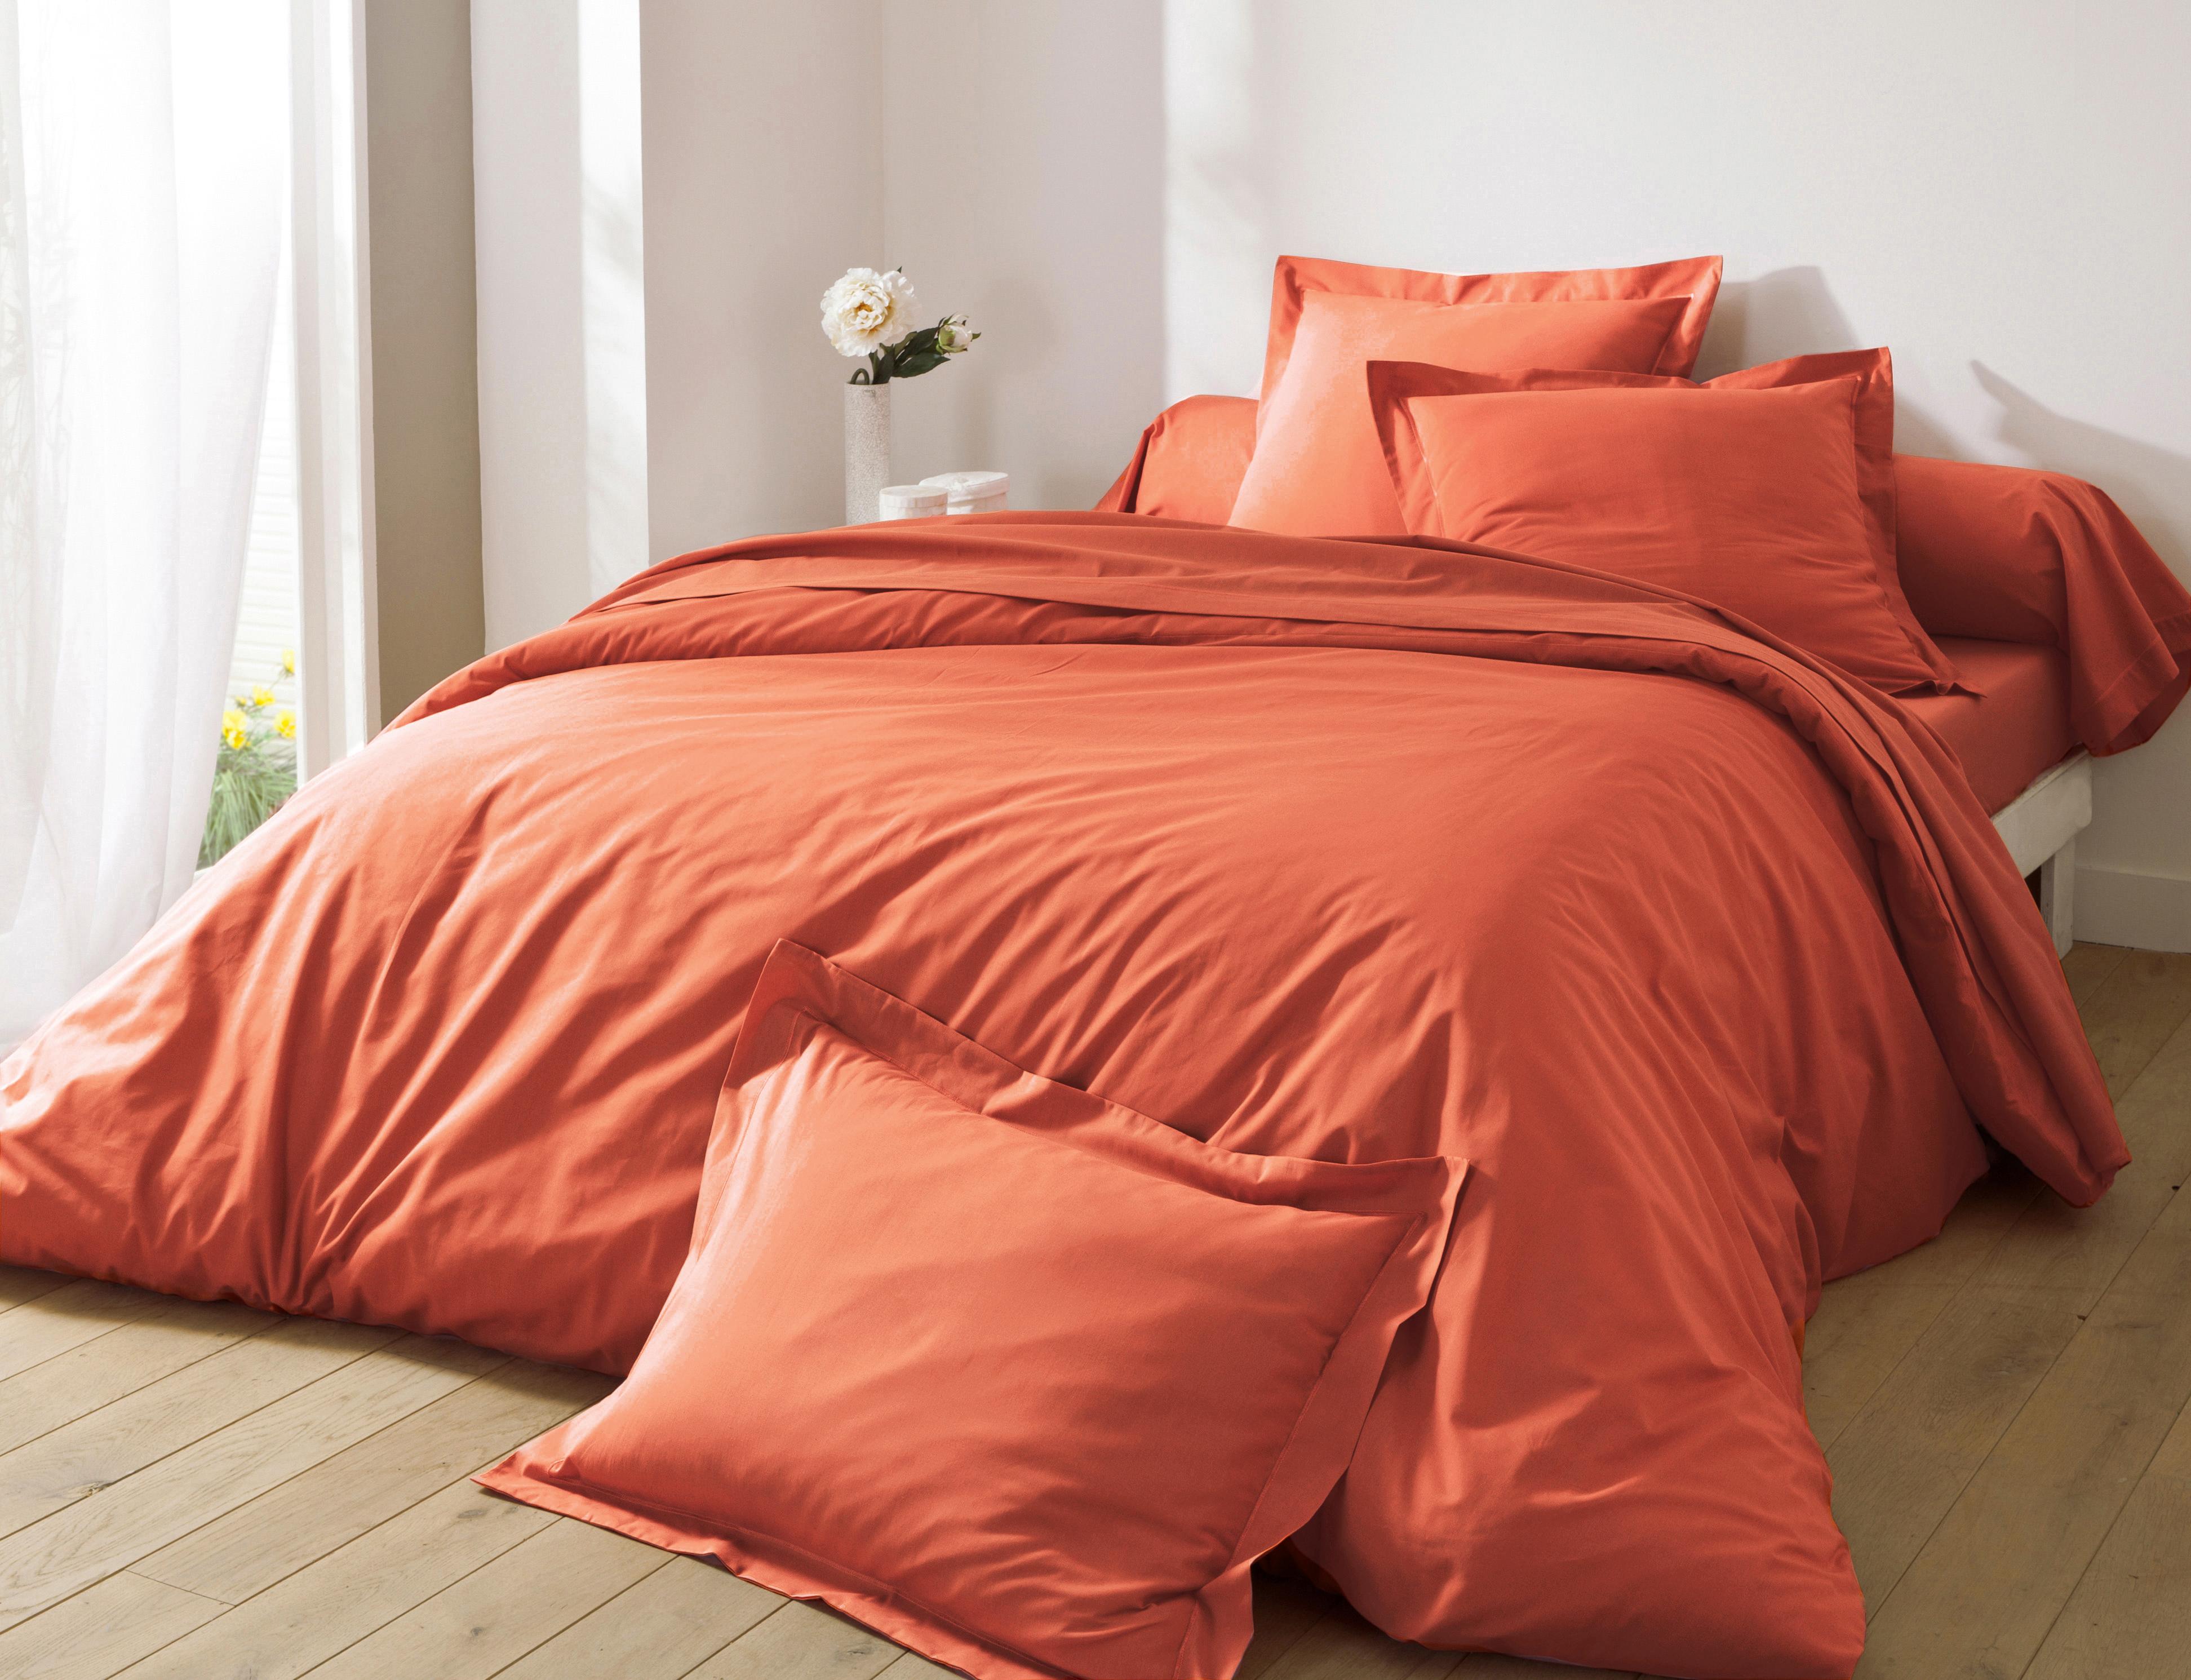 Housse de couette 240x220 en percale de coton  orange terracotta